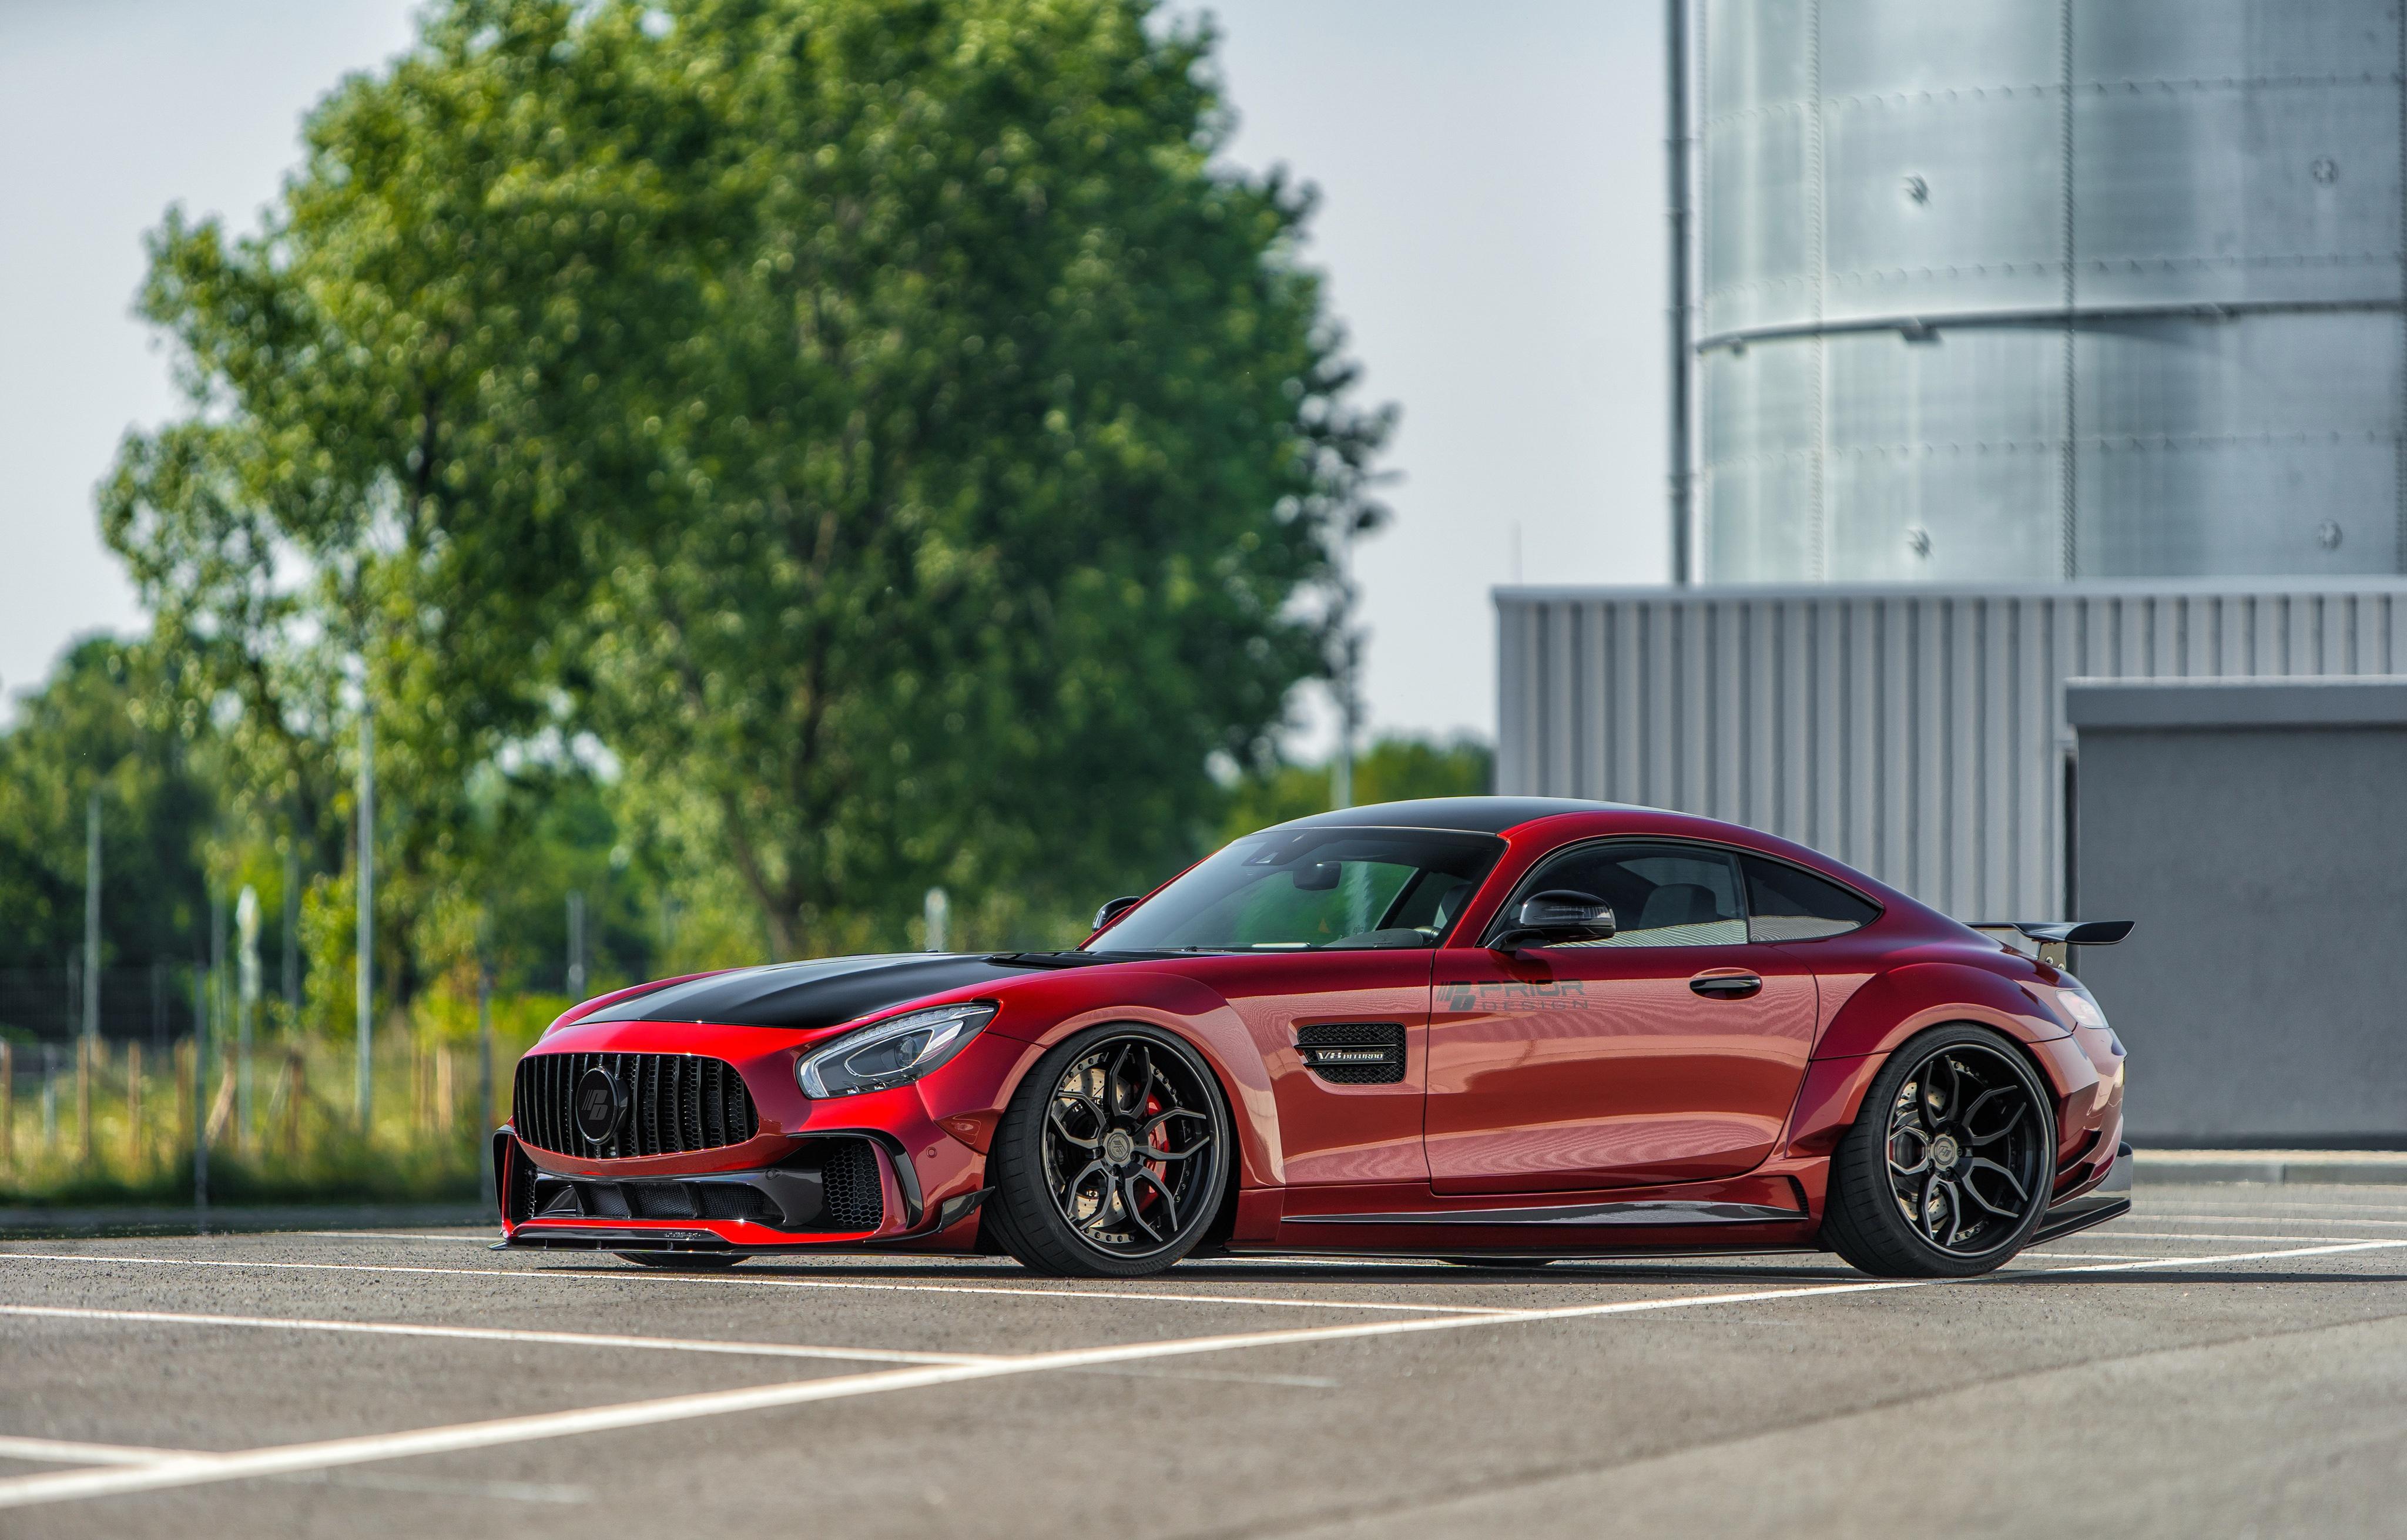 Фотографии Мерседес бенц AMG GT красных Сбоку машины Металлик 4096x2621 Mercedes-Benz красная красные Красный авто машина Автомобили автомобиль